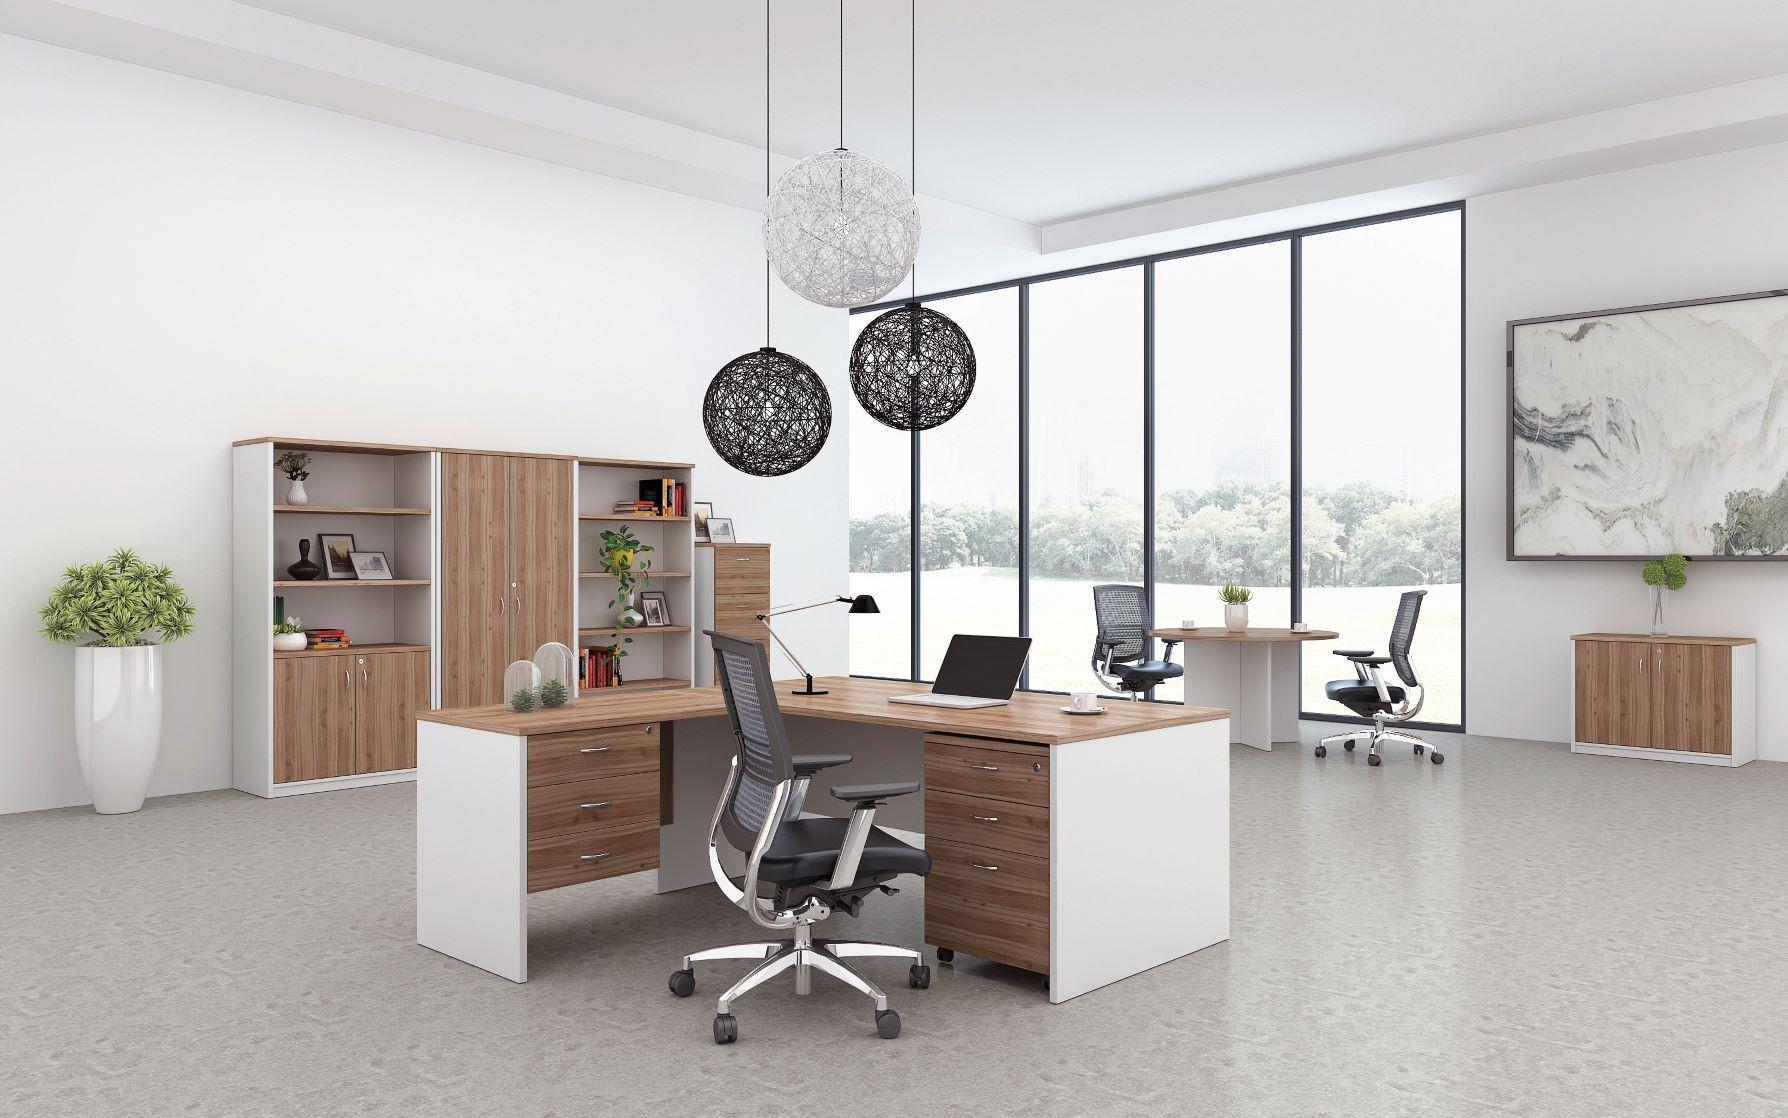 incredible white office desk furniture   Open Desk 1800L - Walnut / White